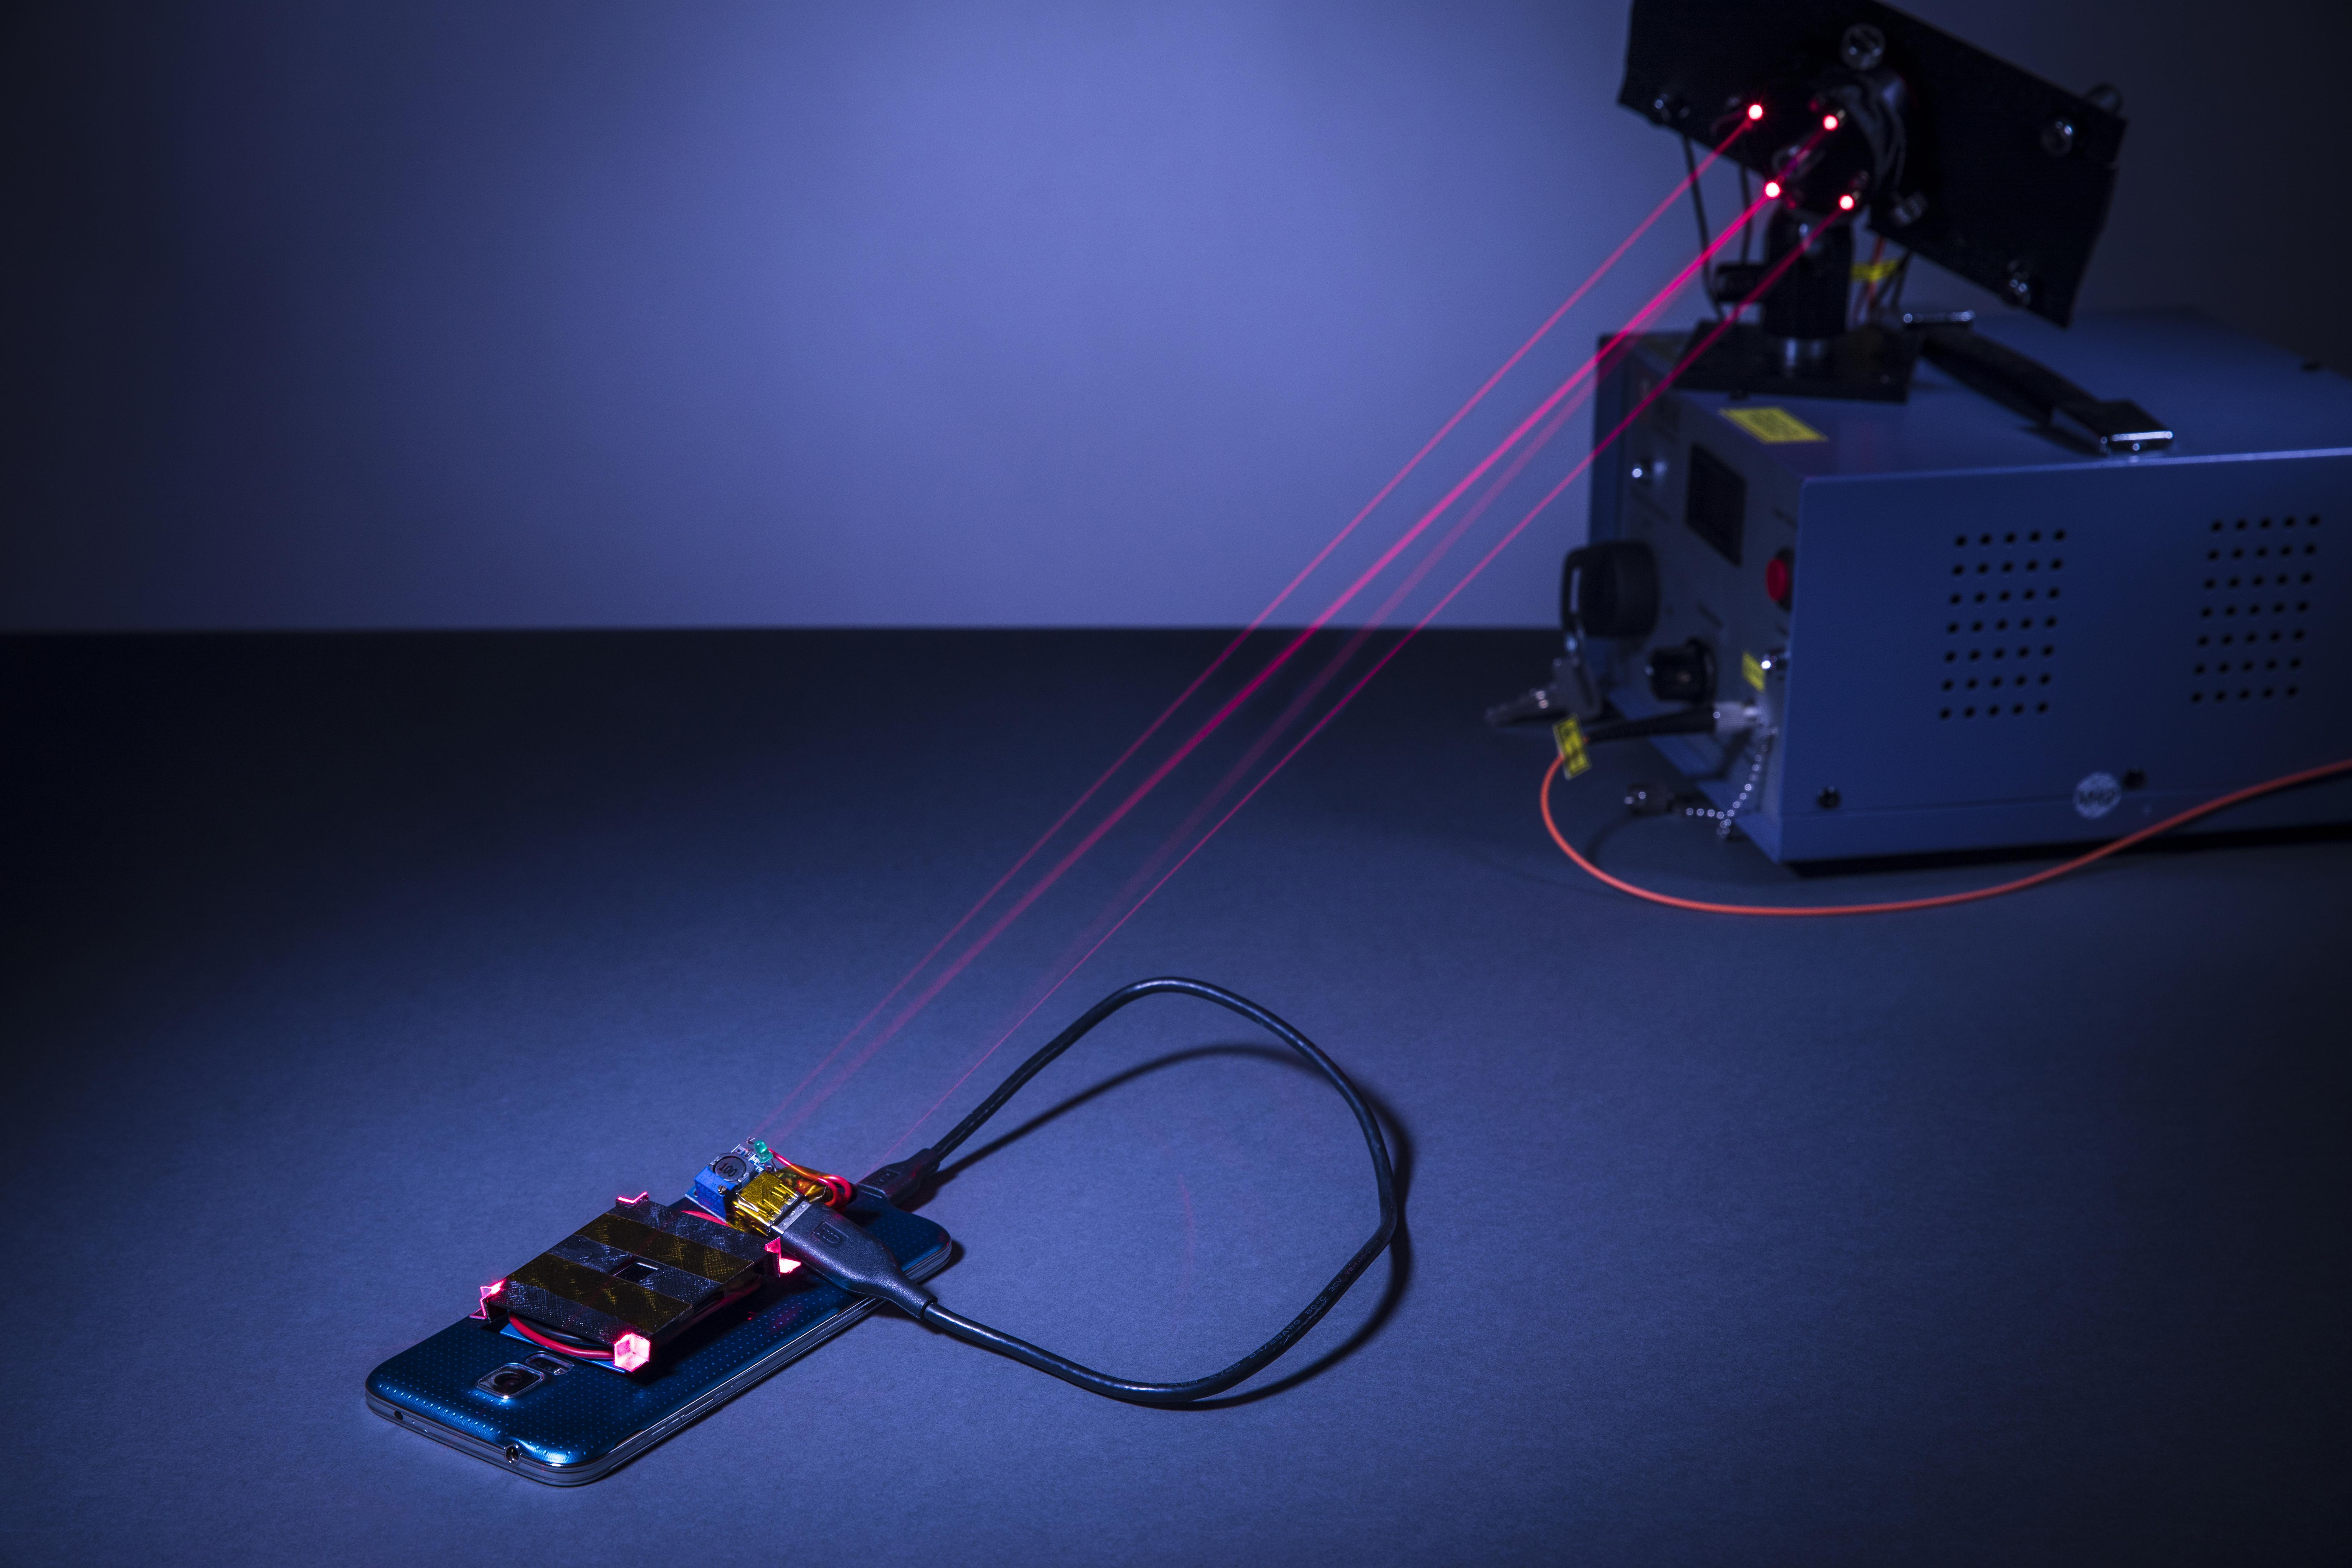 Bomo v prihodnosti baterije polnili kar z laserjem?